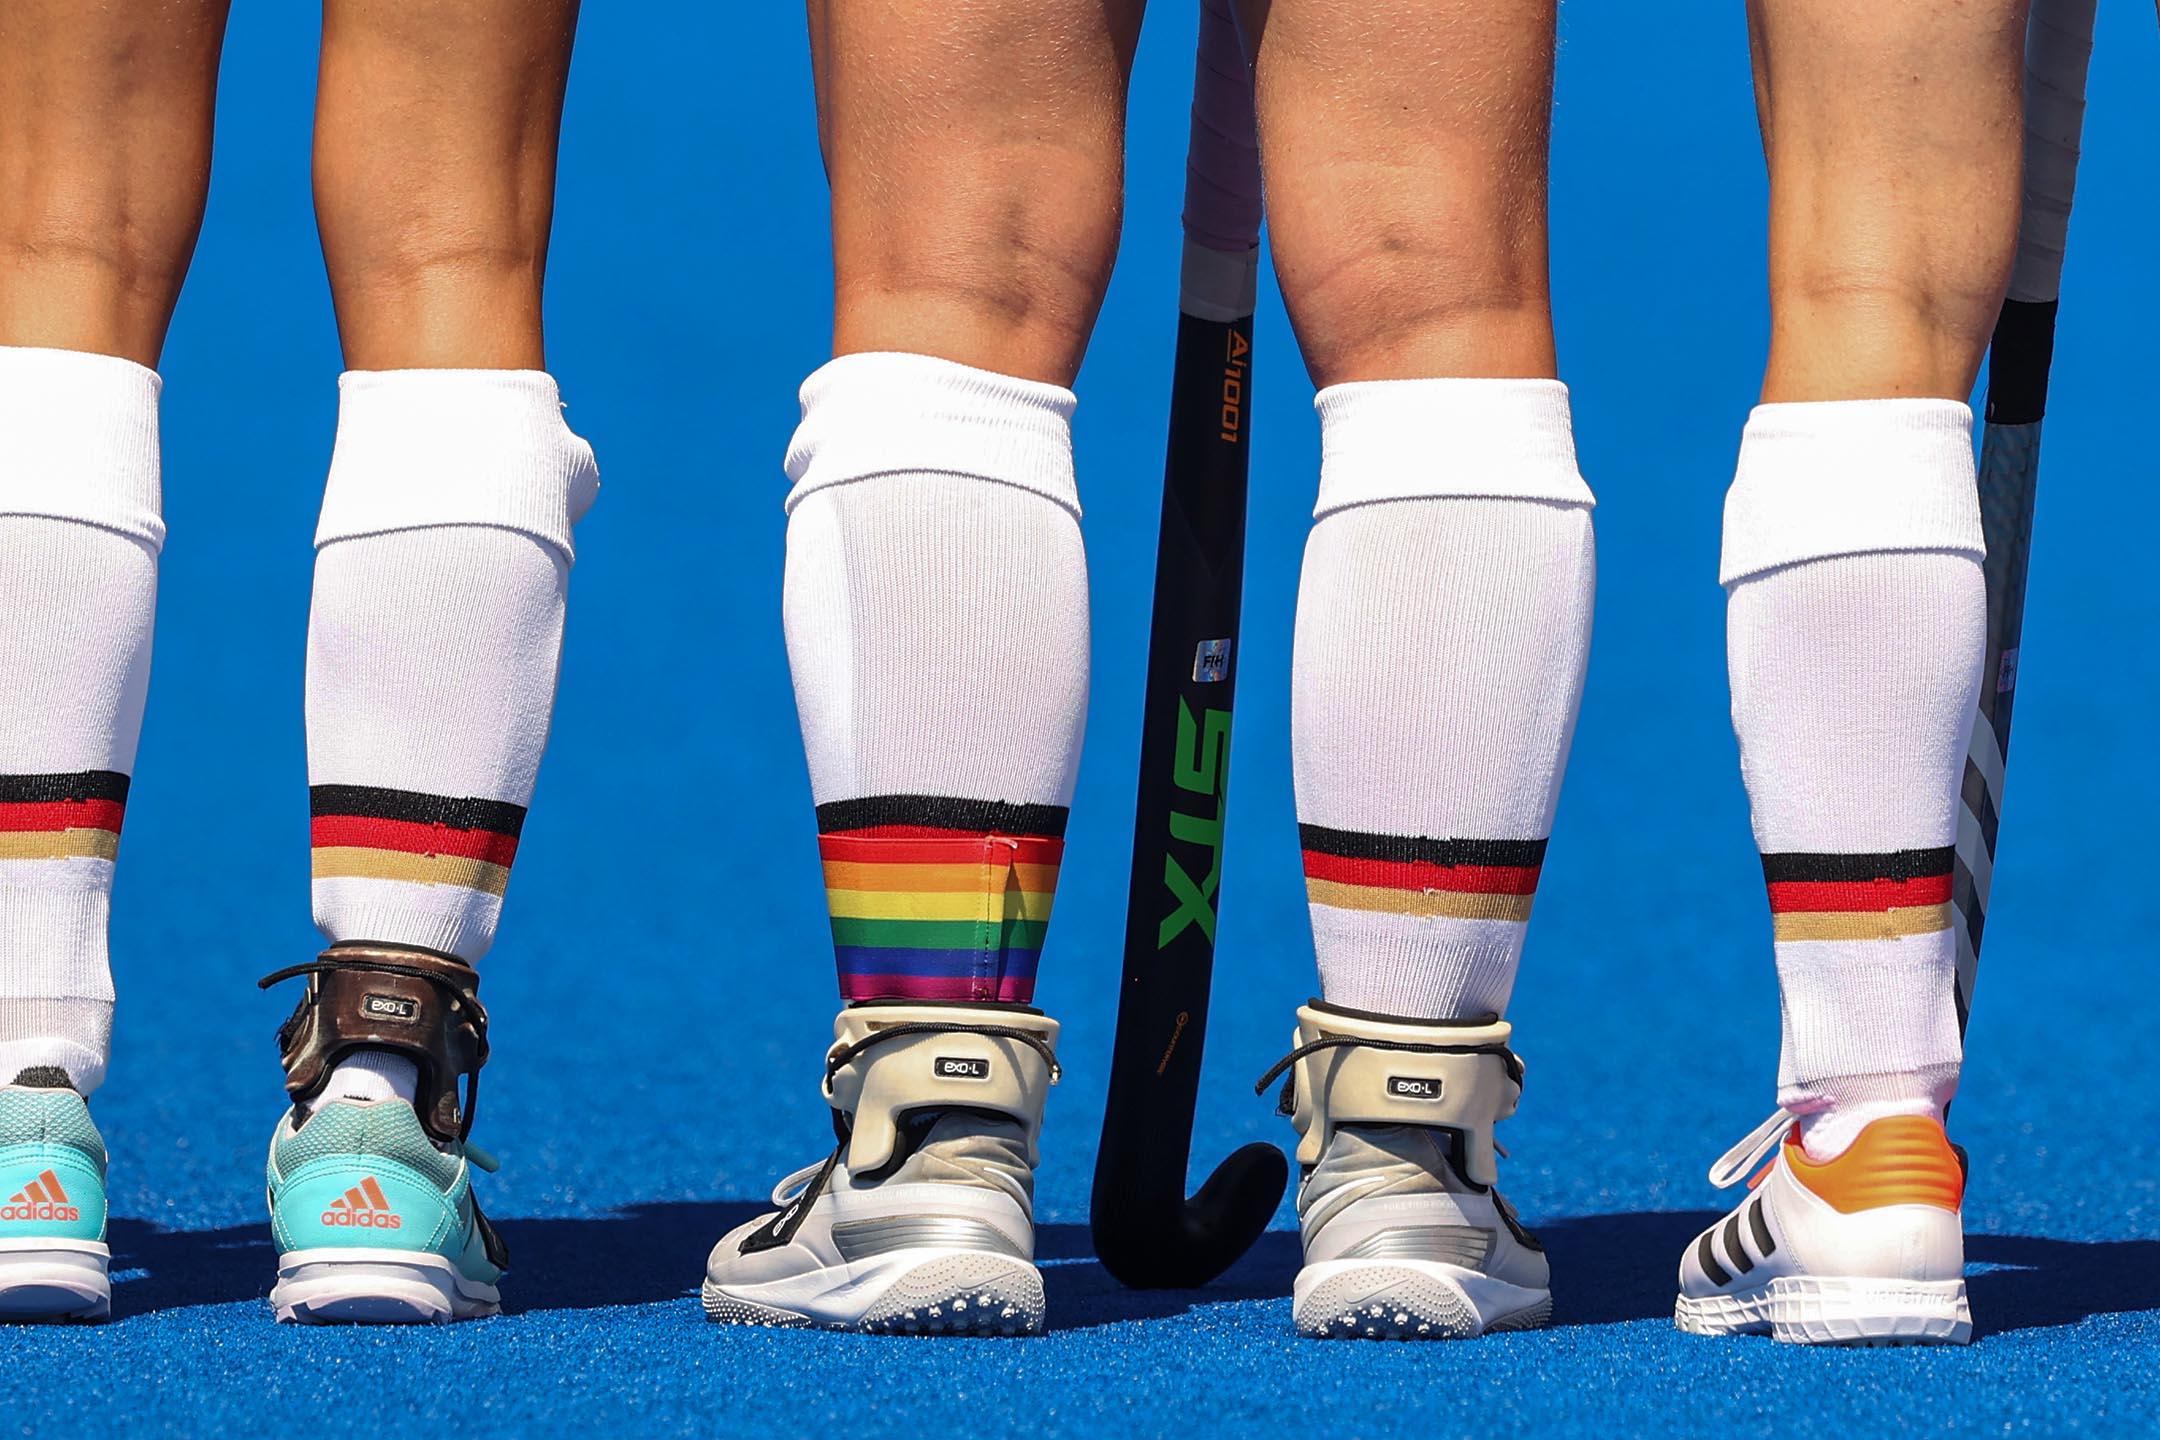 2021年7月25日日本東京奧運會,德國隊與英國隊的曲棍球比賽期間,一名隊員穿上彩虹旗。 攝:Alexander Hassenstein/Getty Images